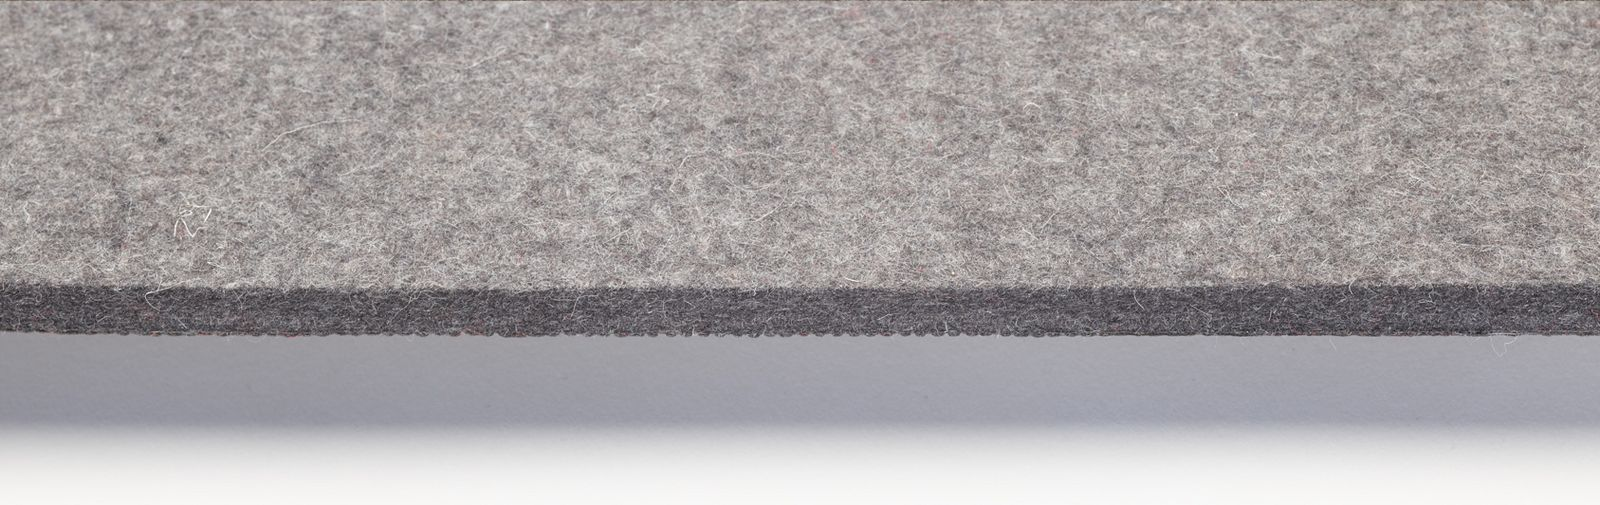 pew runner felt color grey